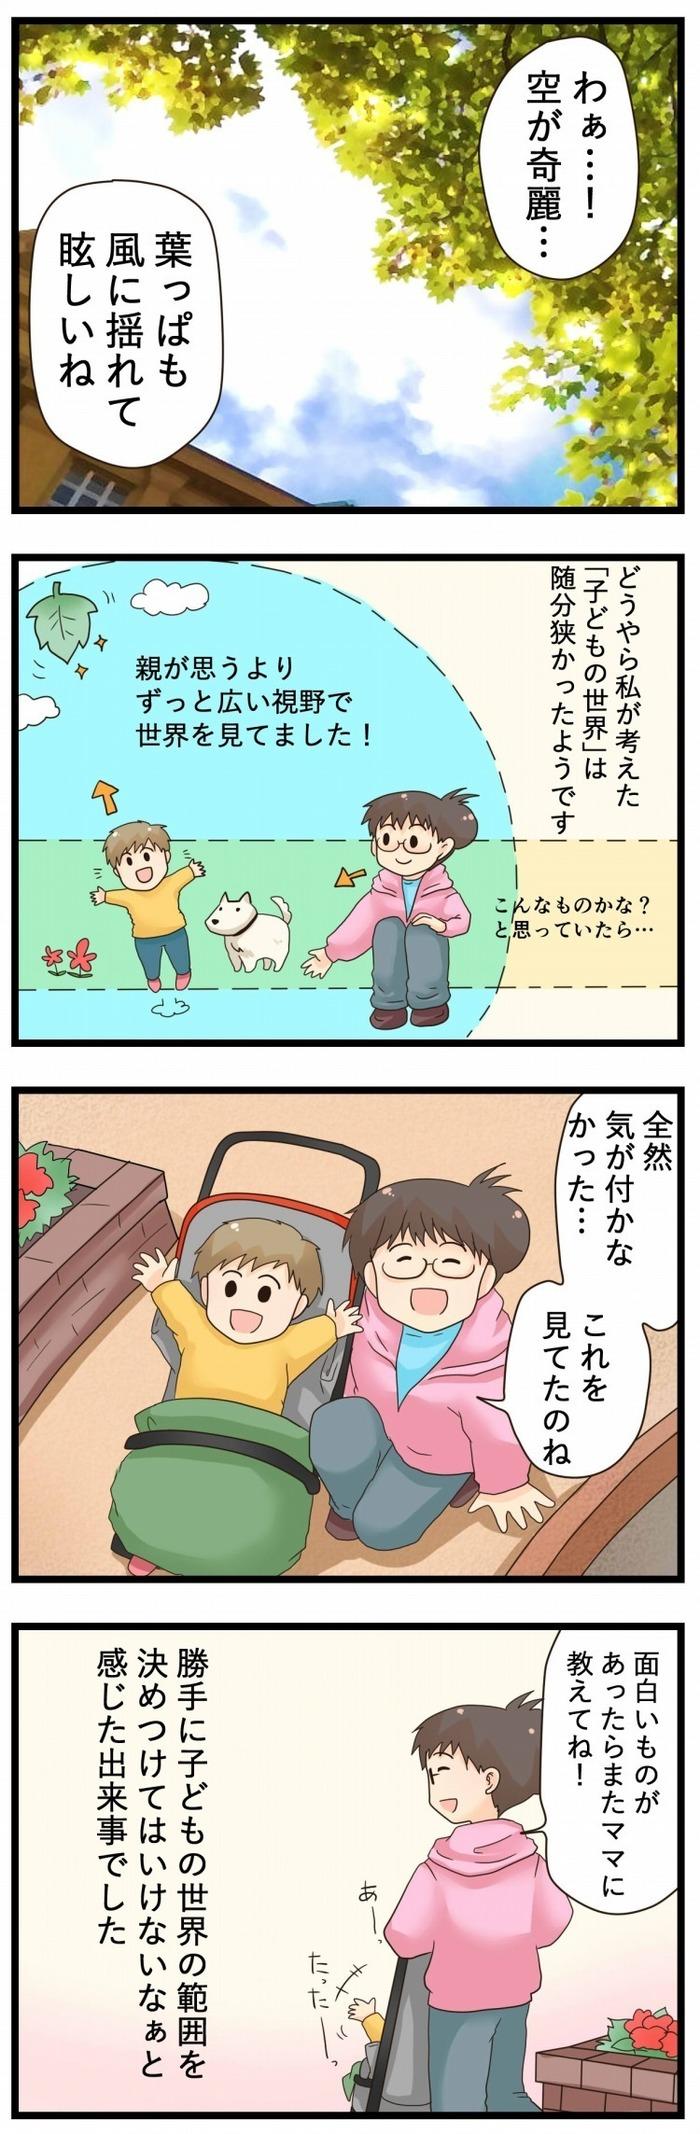 子どもが好きなもの、勝手に型にはめてしまっていませんか?の画像2